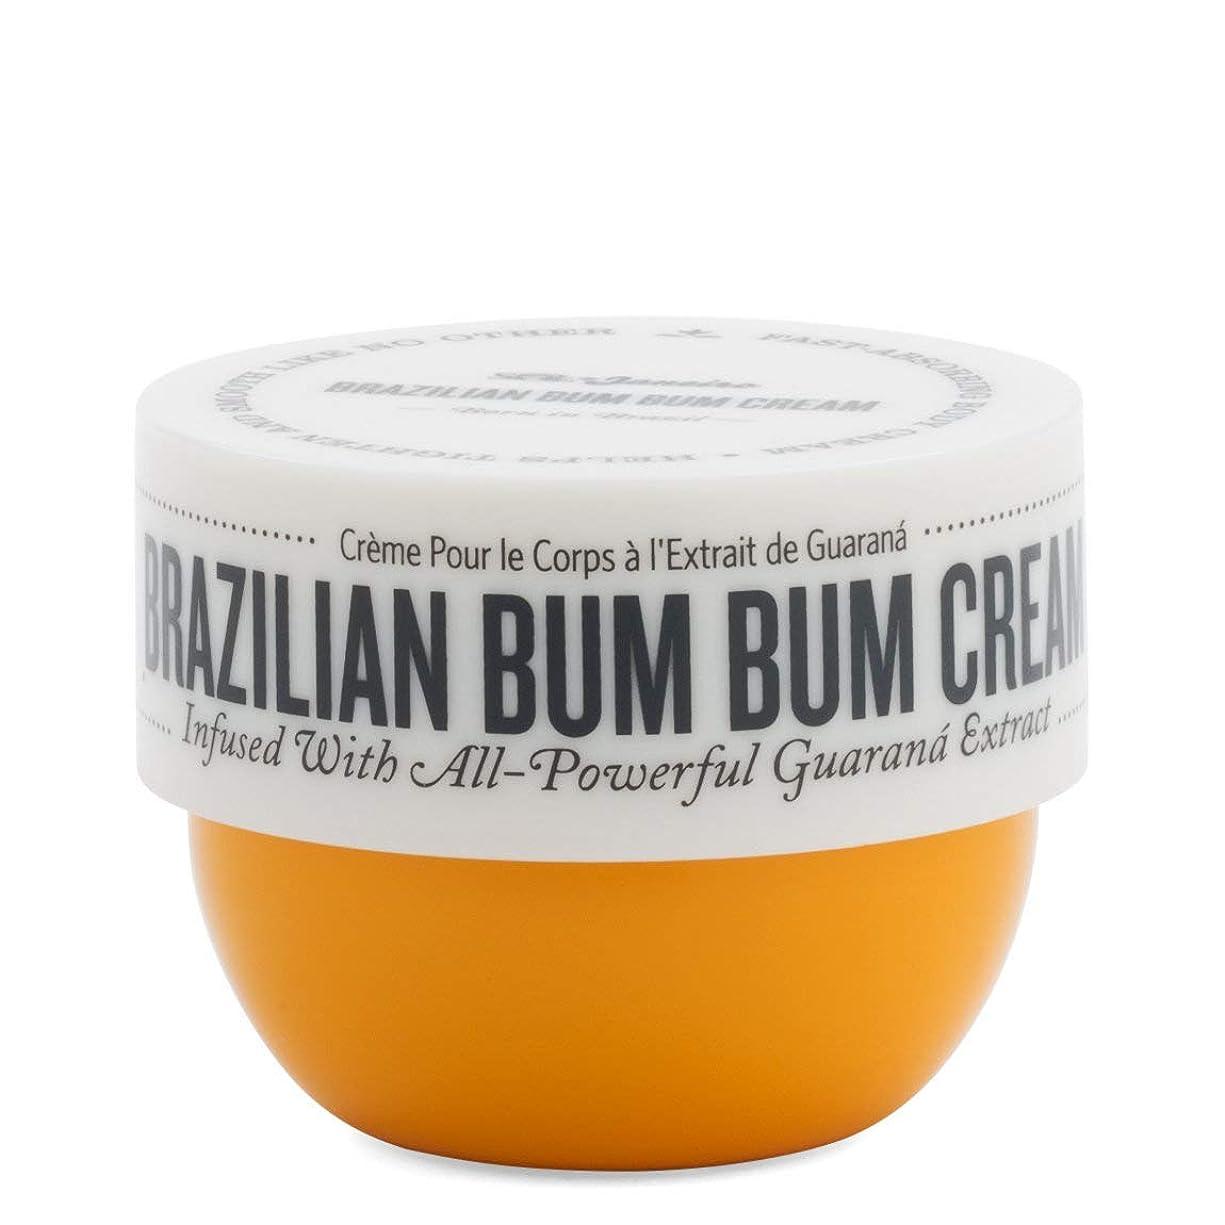 ゴネリル拒絶お互い《 ブラジリアン ブンブンクリーム 》Brazilian BUM BUM Cream (240ml)